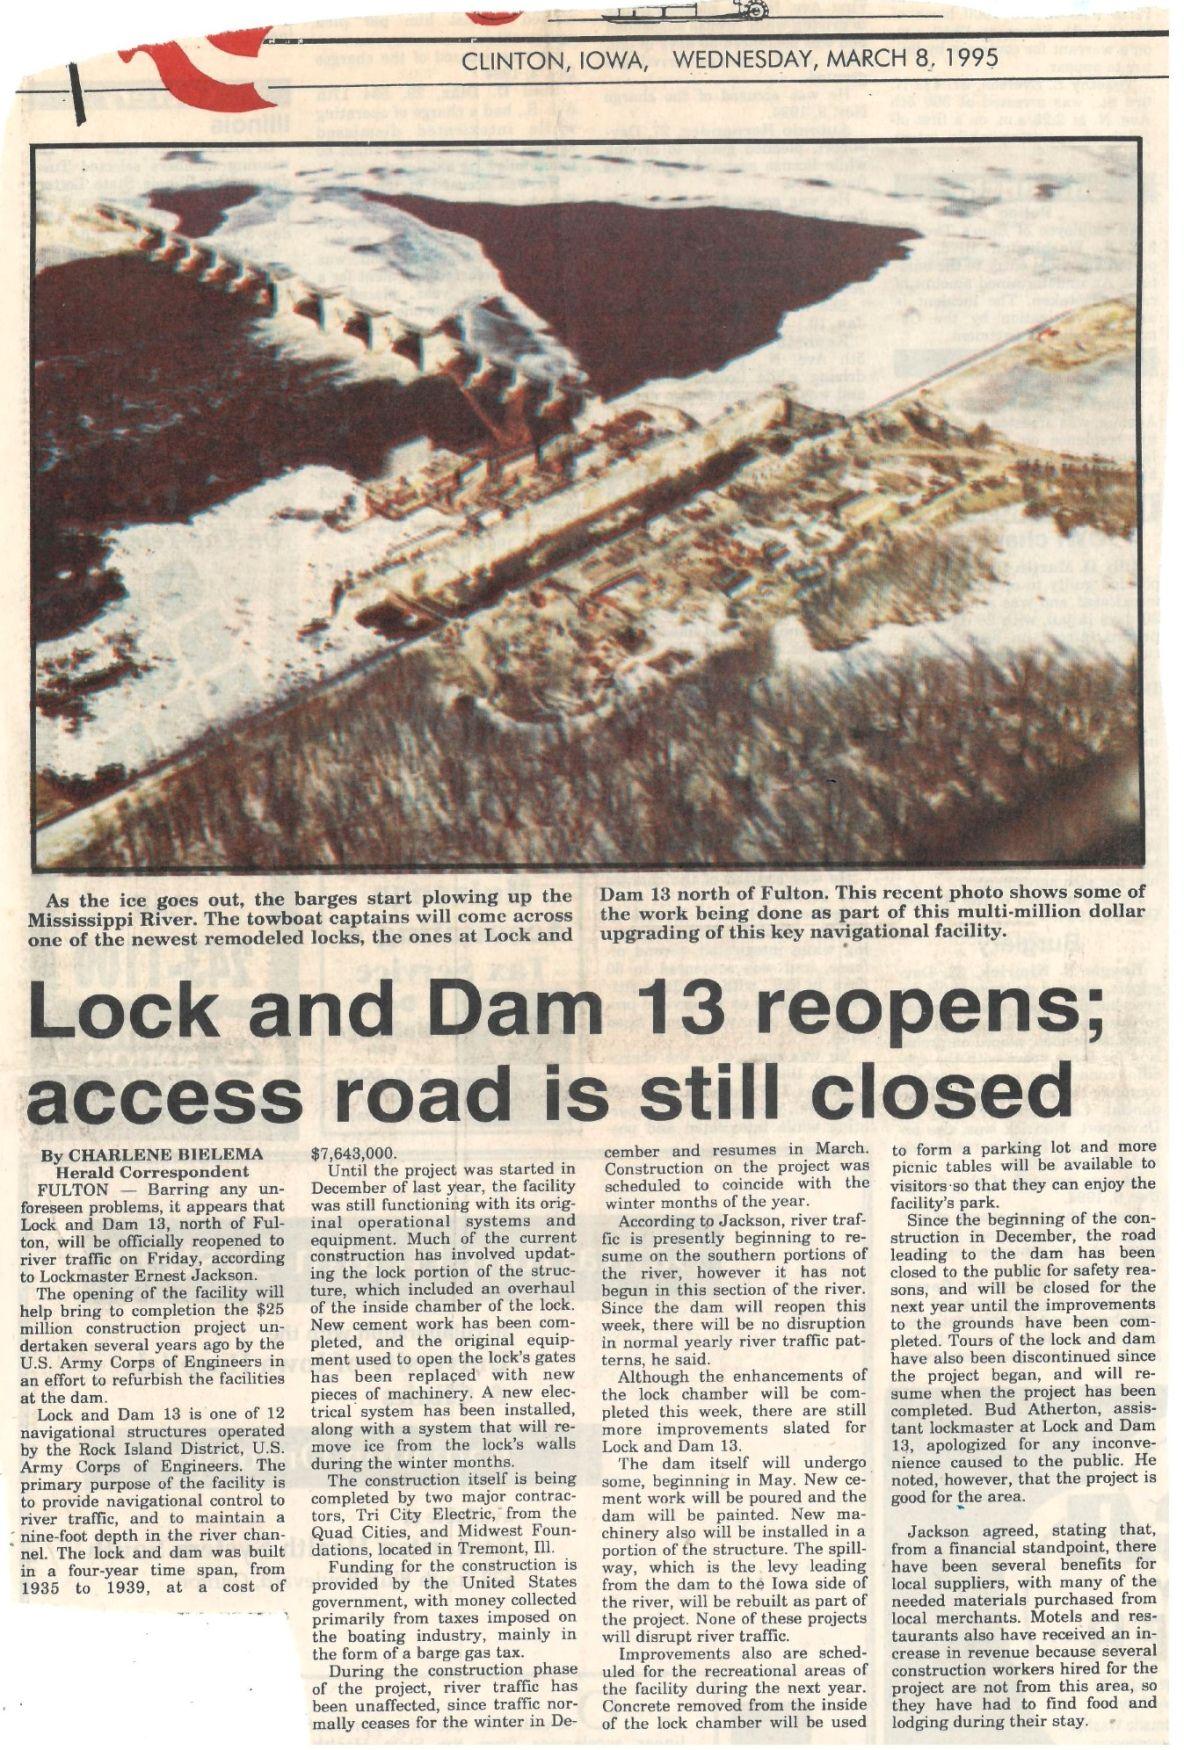 Lock and Dam 13